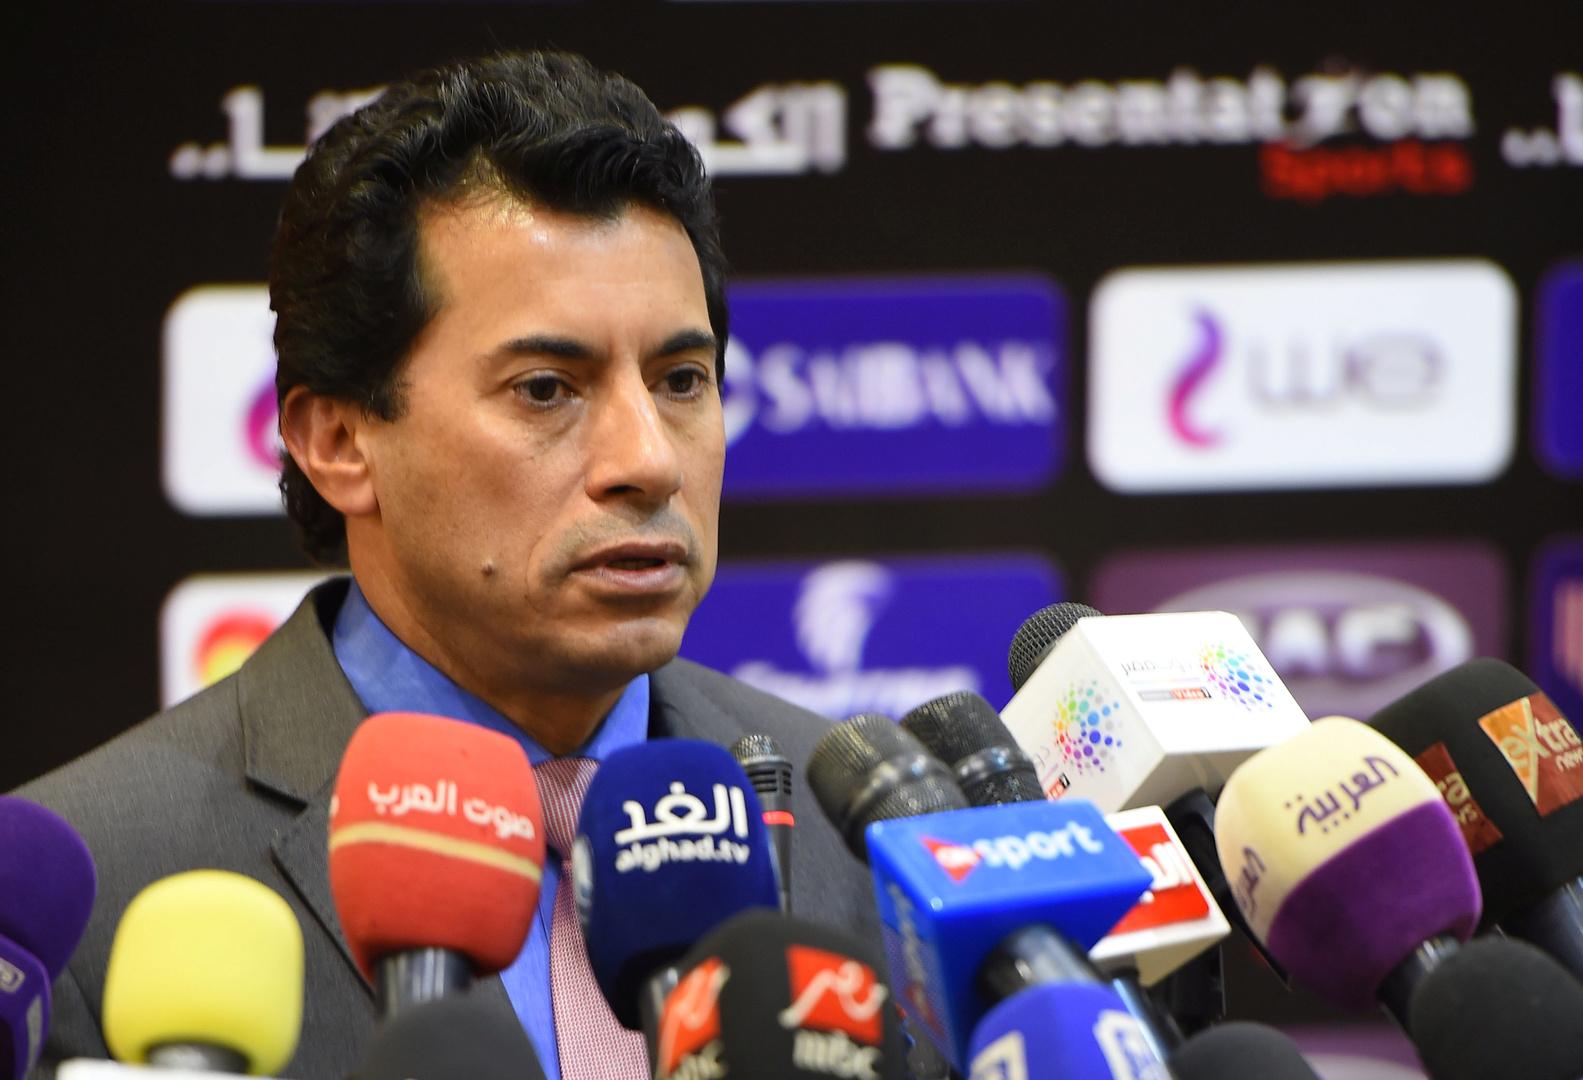 نقل وزير الرياضة المصري إلى المستشفى بعد تعرضه لحادث سير